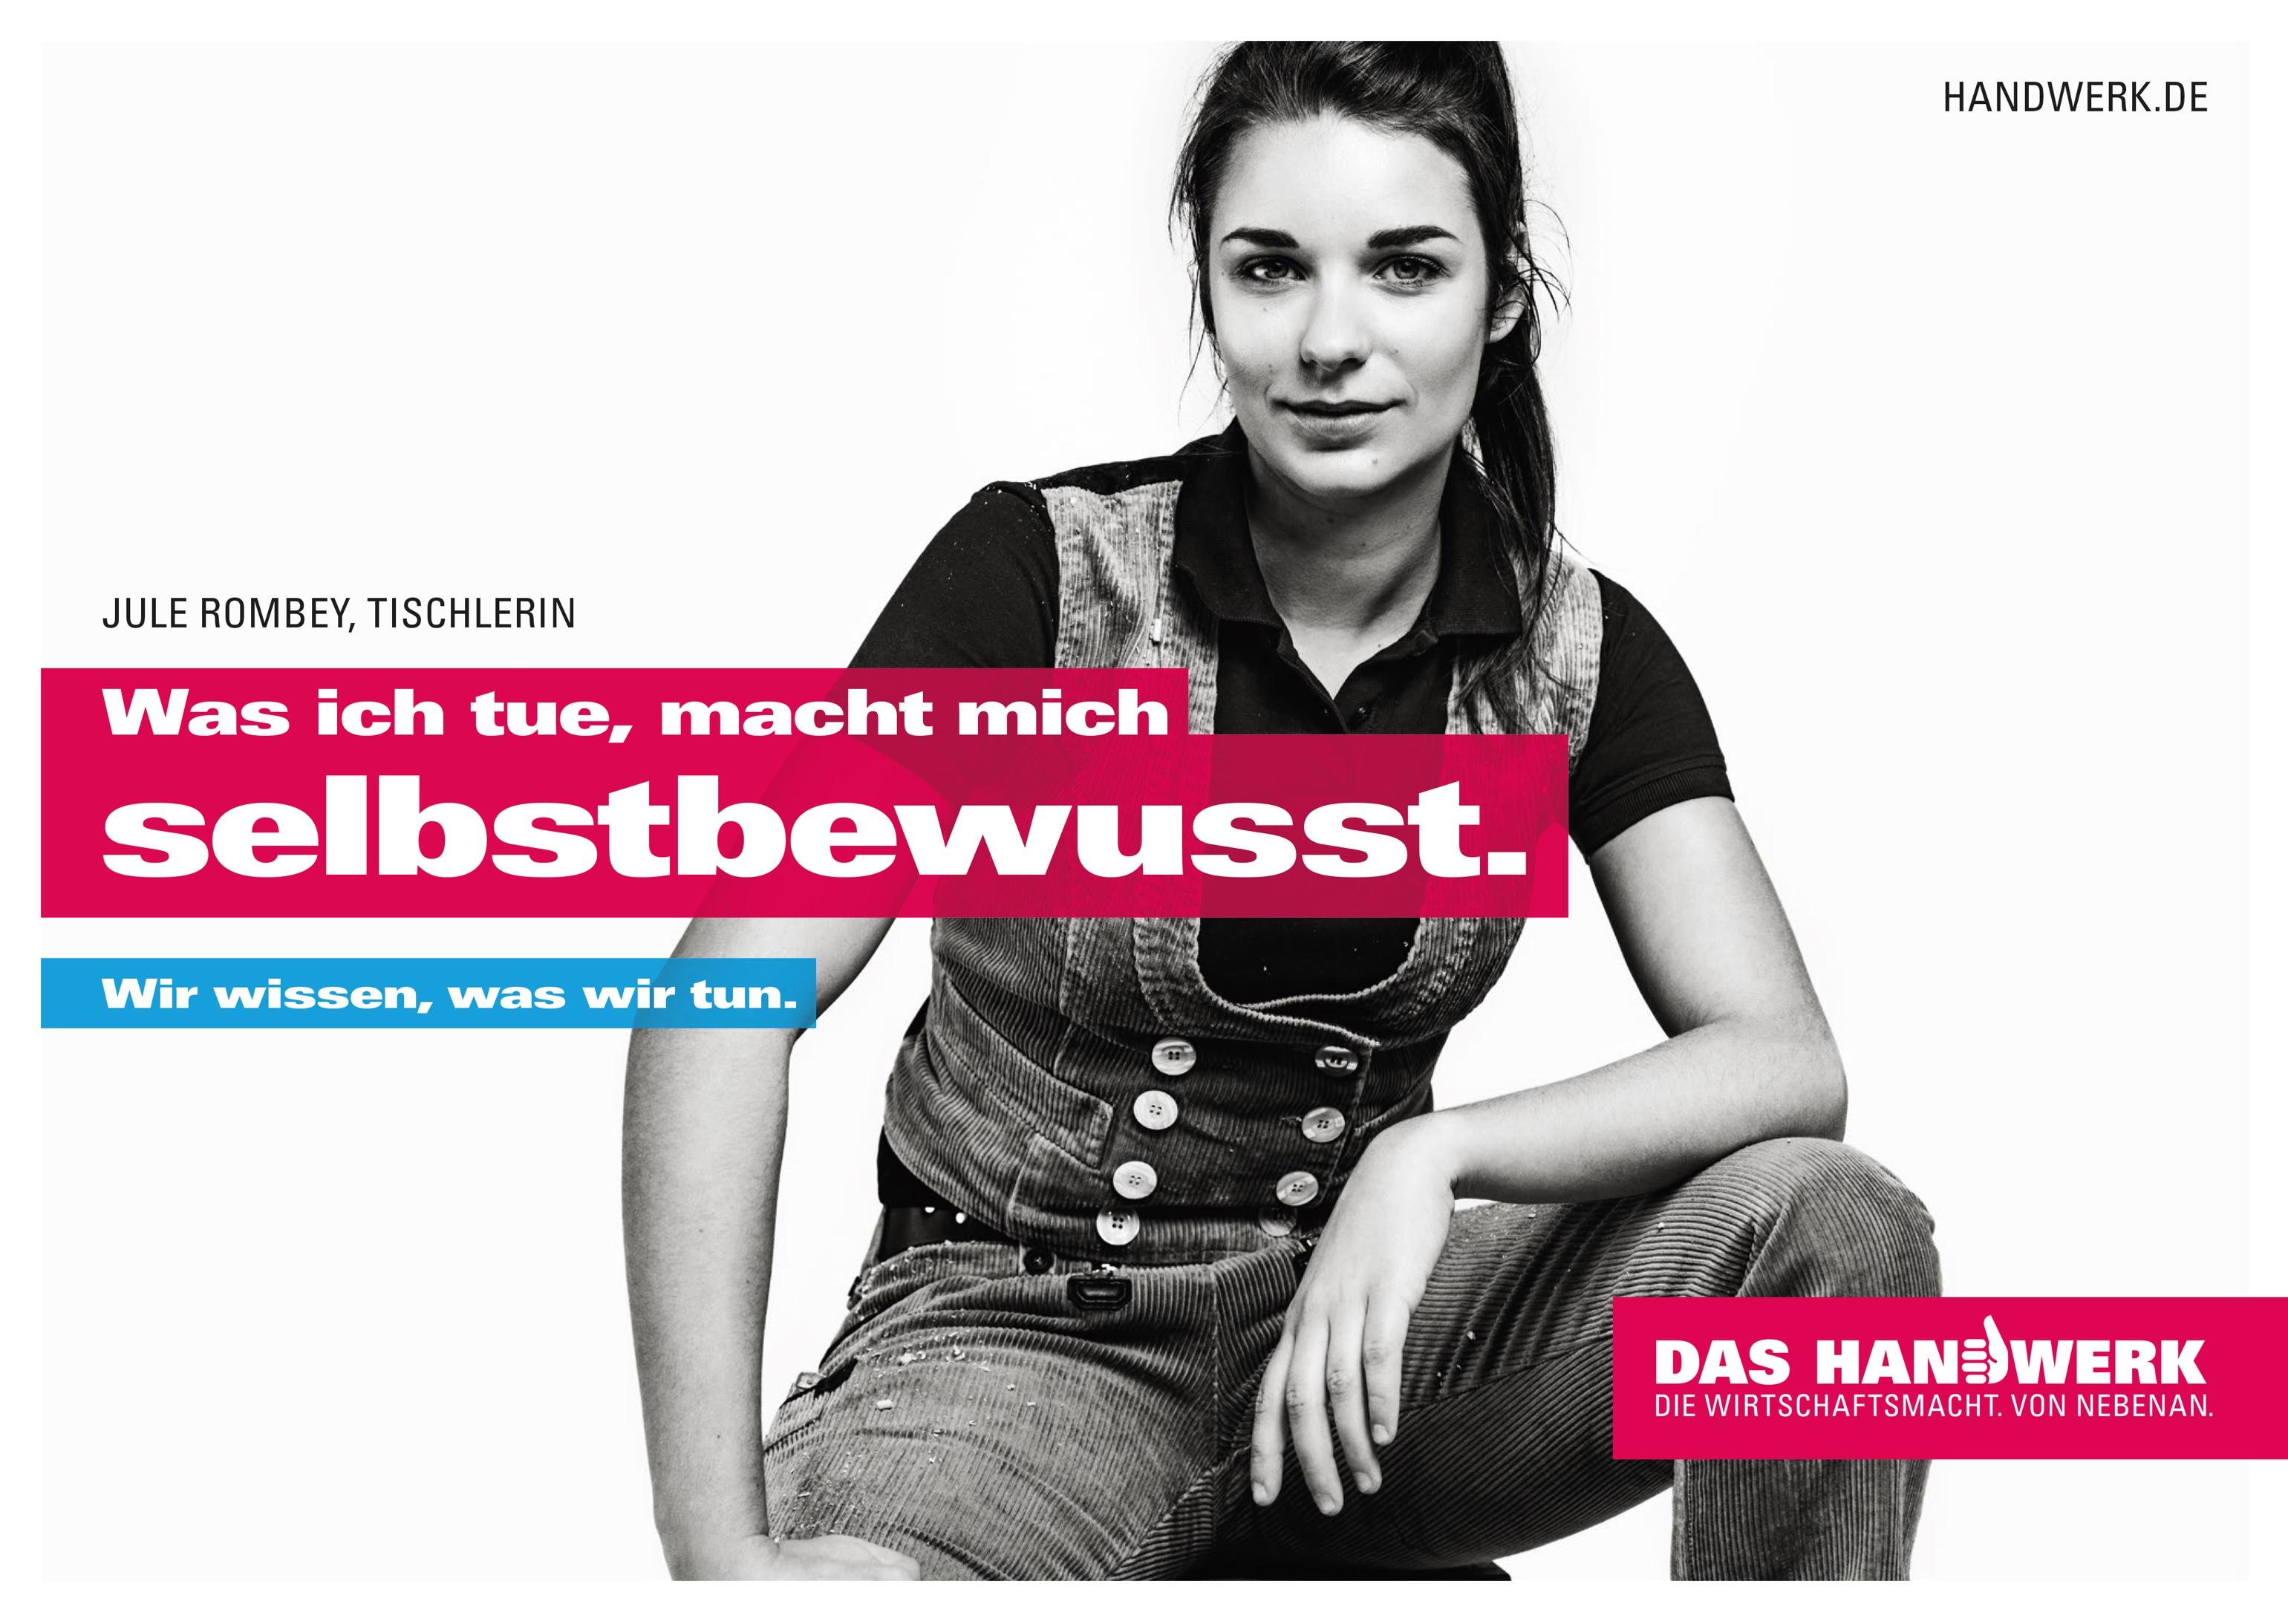 Foto: © DHKT / handwerk.de